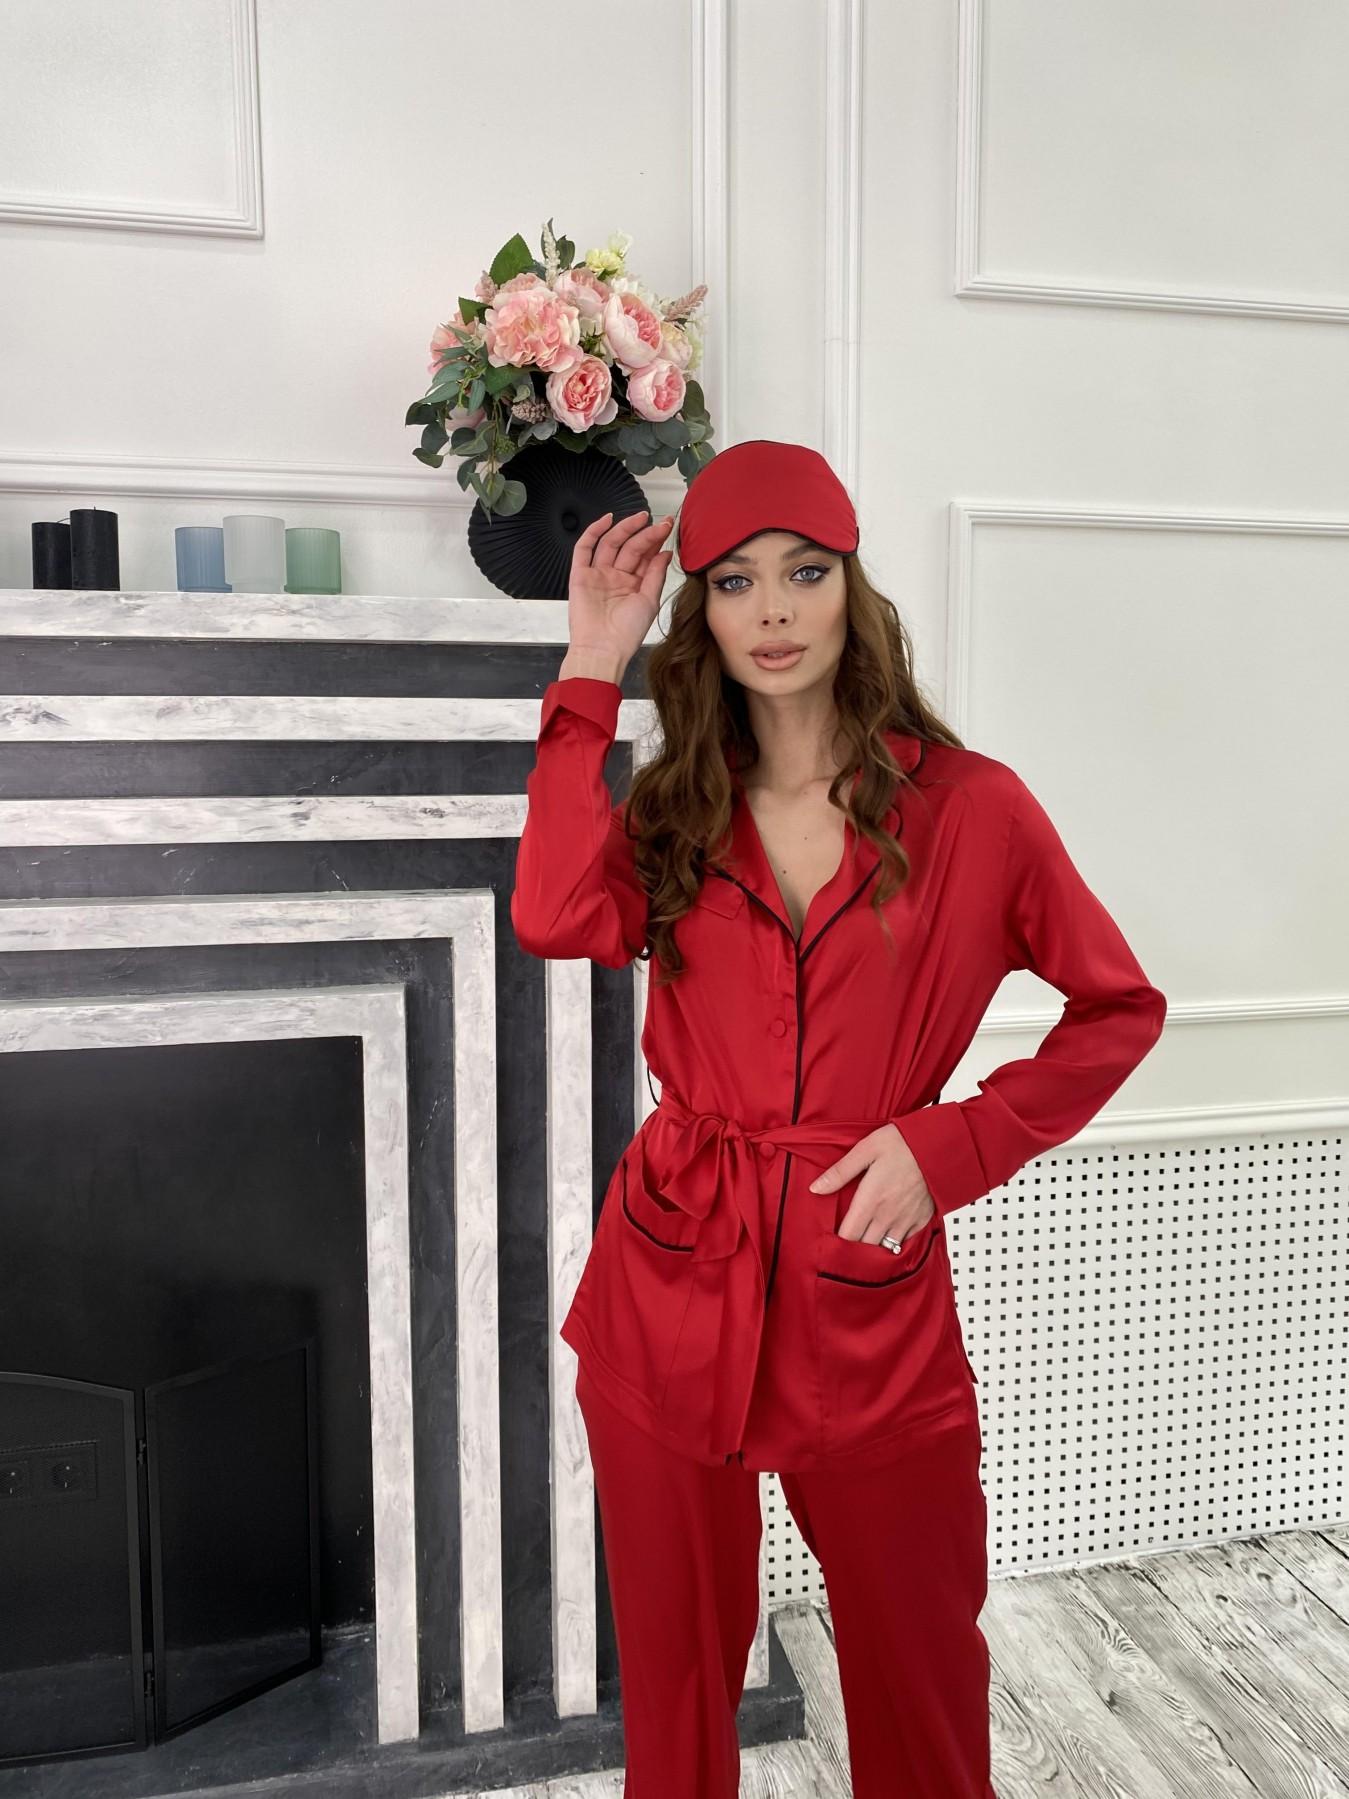 Шайн костюм из шелка  10778 АРТ. 47215 Цвет: Красный - фото 6, интернет магазин tm-modus.ru